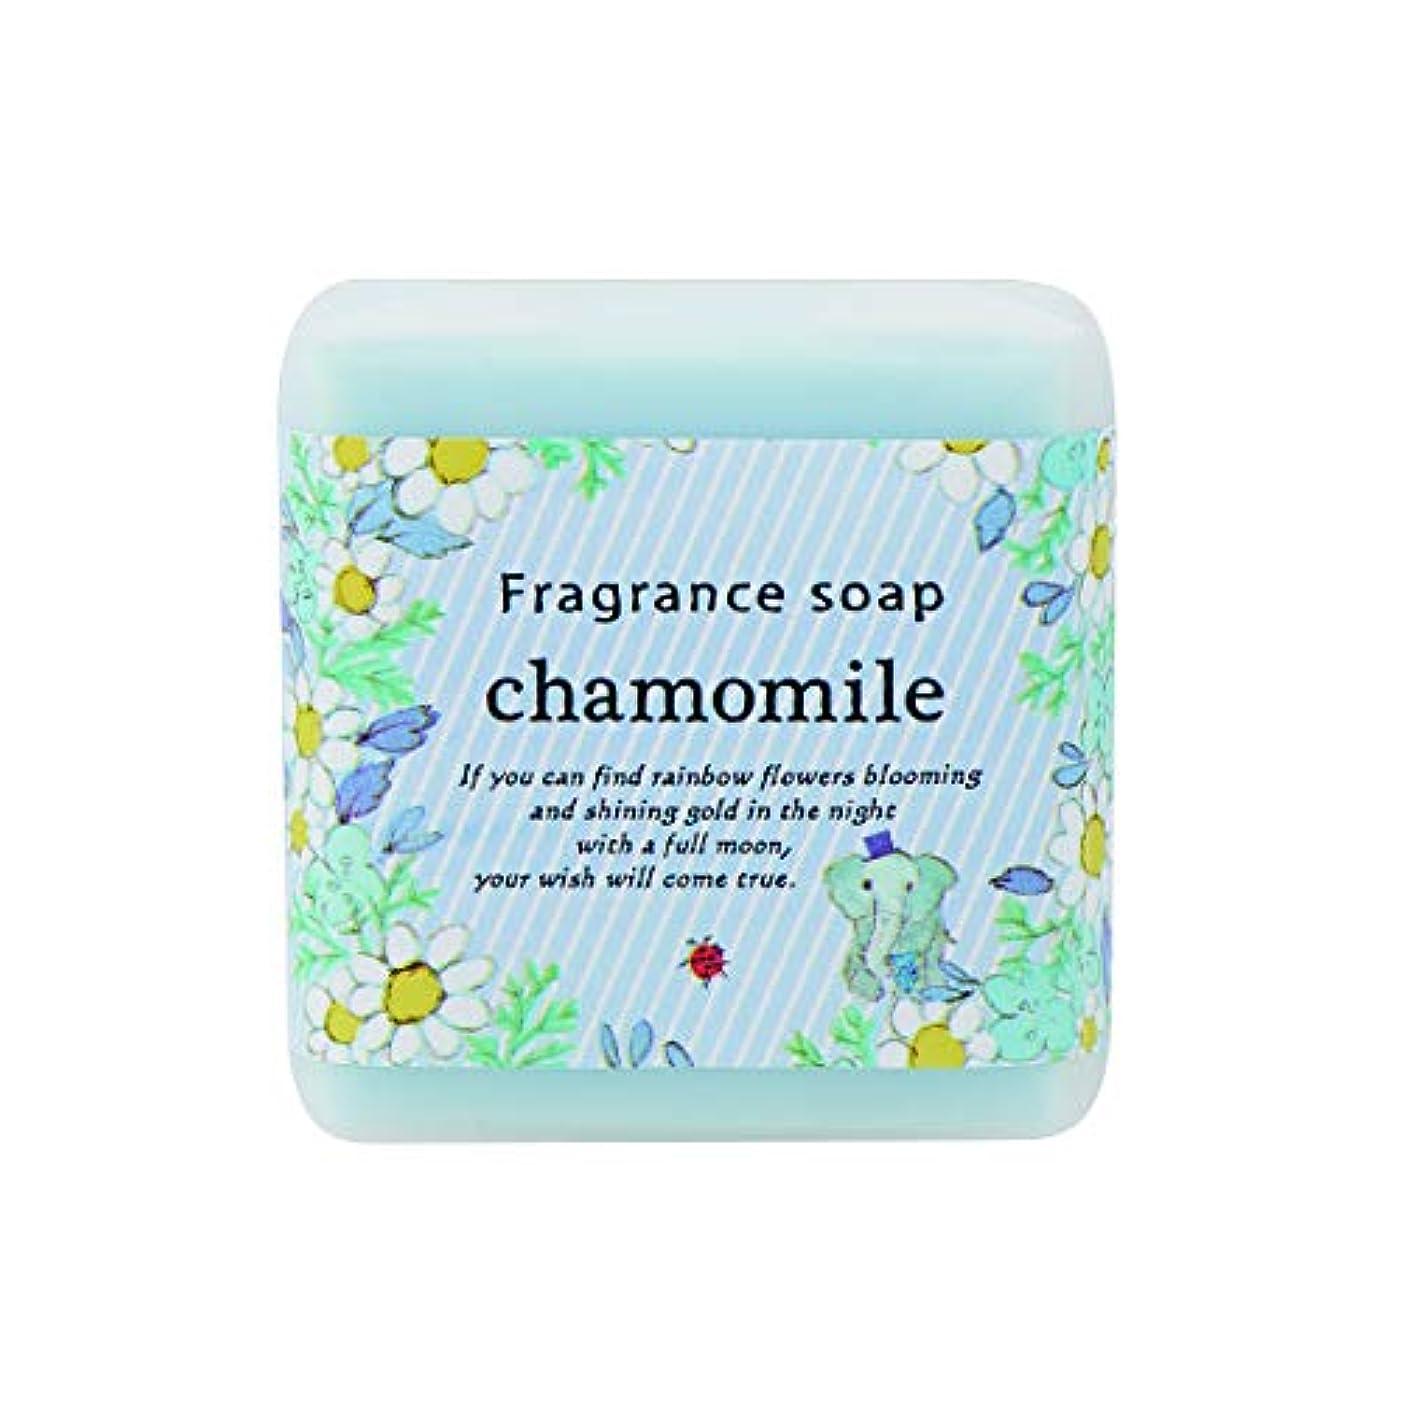 維持するマウント叱るサンハーブ フレグランスソープ40g カモマイル 12個(プチソープ ゲストソープ やさしく穏やかな甘い香り)